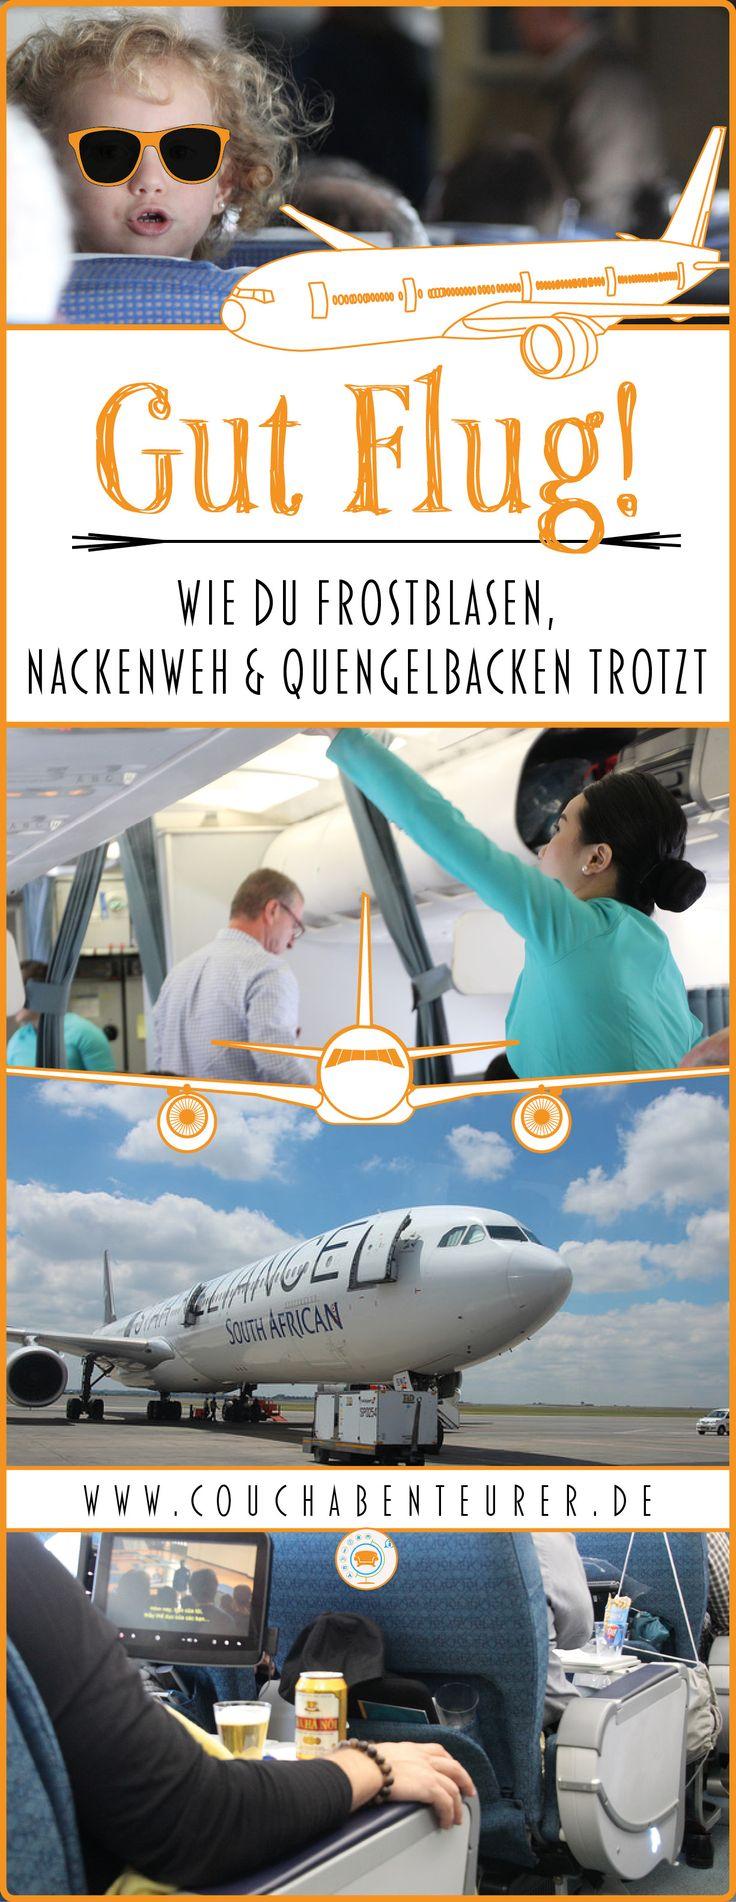 Ich zeige dir meine Strategien für einen angenehmen Flug und helfe dir damit, auch auf Langstrecke angenehm zu reisen!